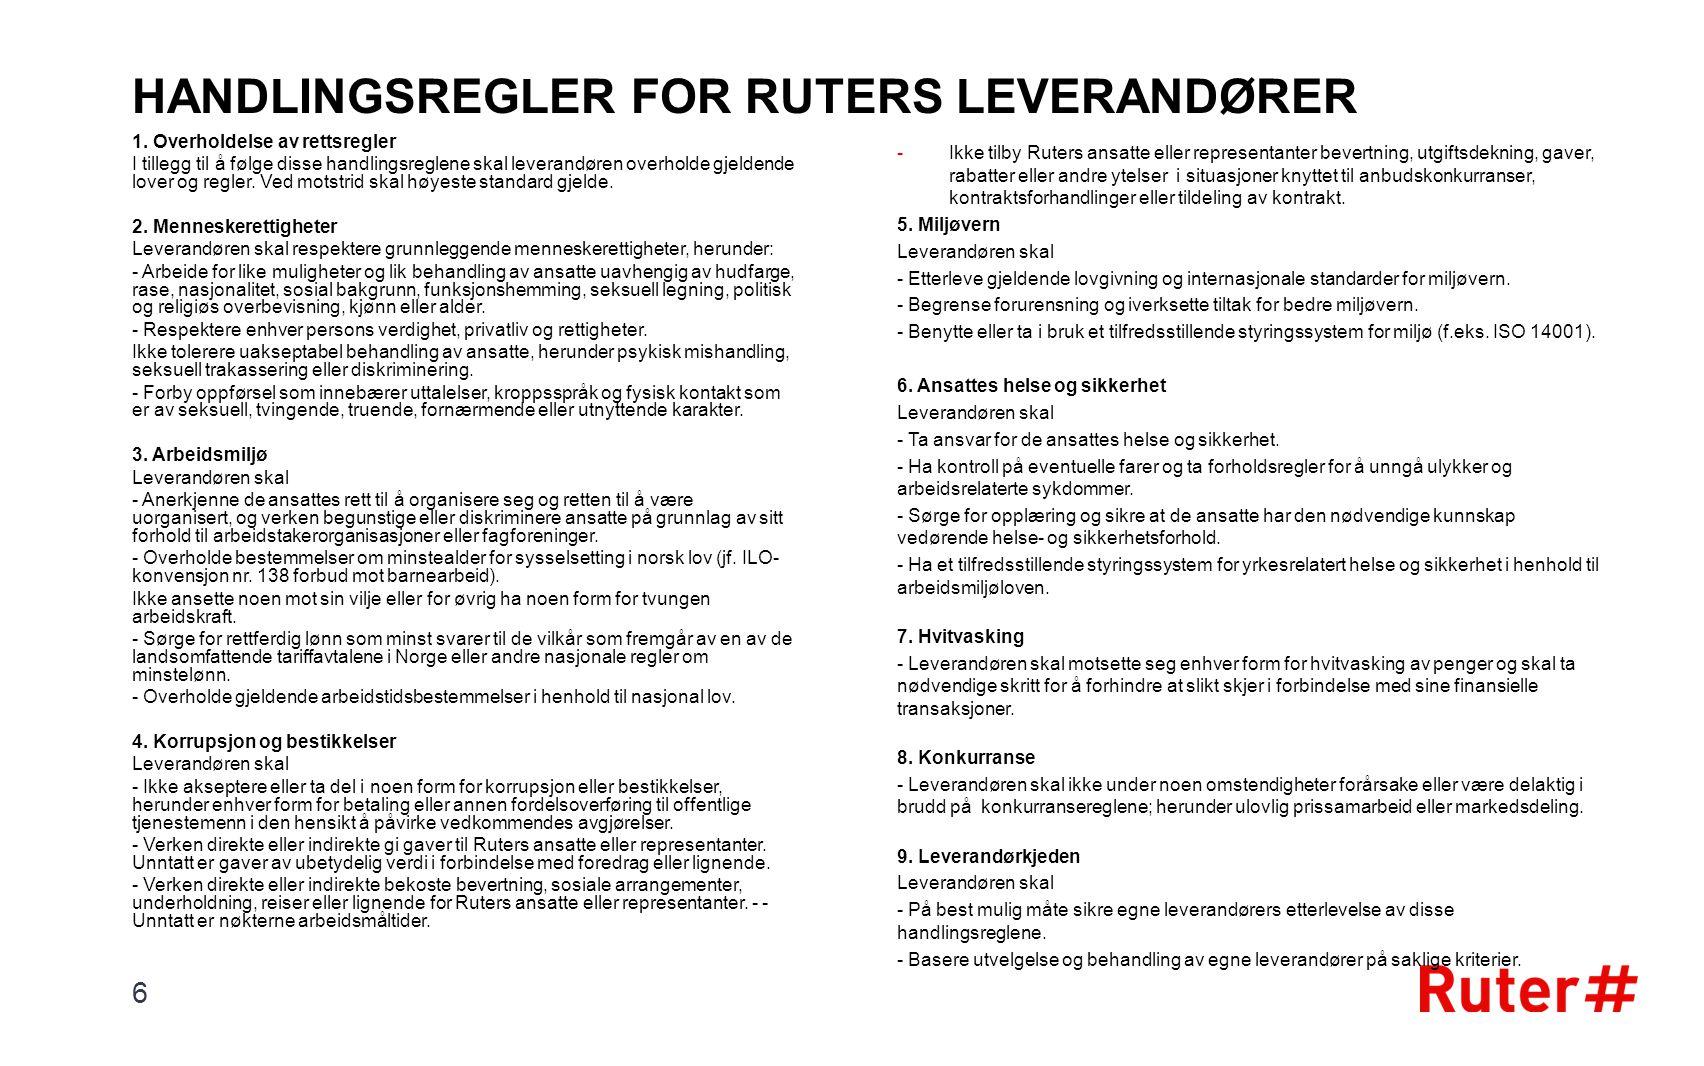 HANDLINGSREGLER FOR RUTERS LEVERANDØRER 1. Overholdelse av rettsregler I tillegg til å følge disse handlingsreglene skal leverandøren overholde gjelde